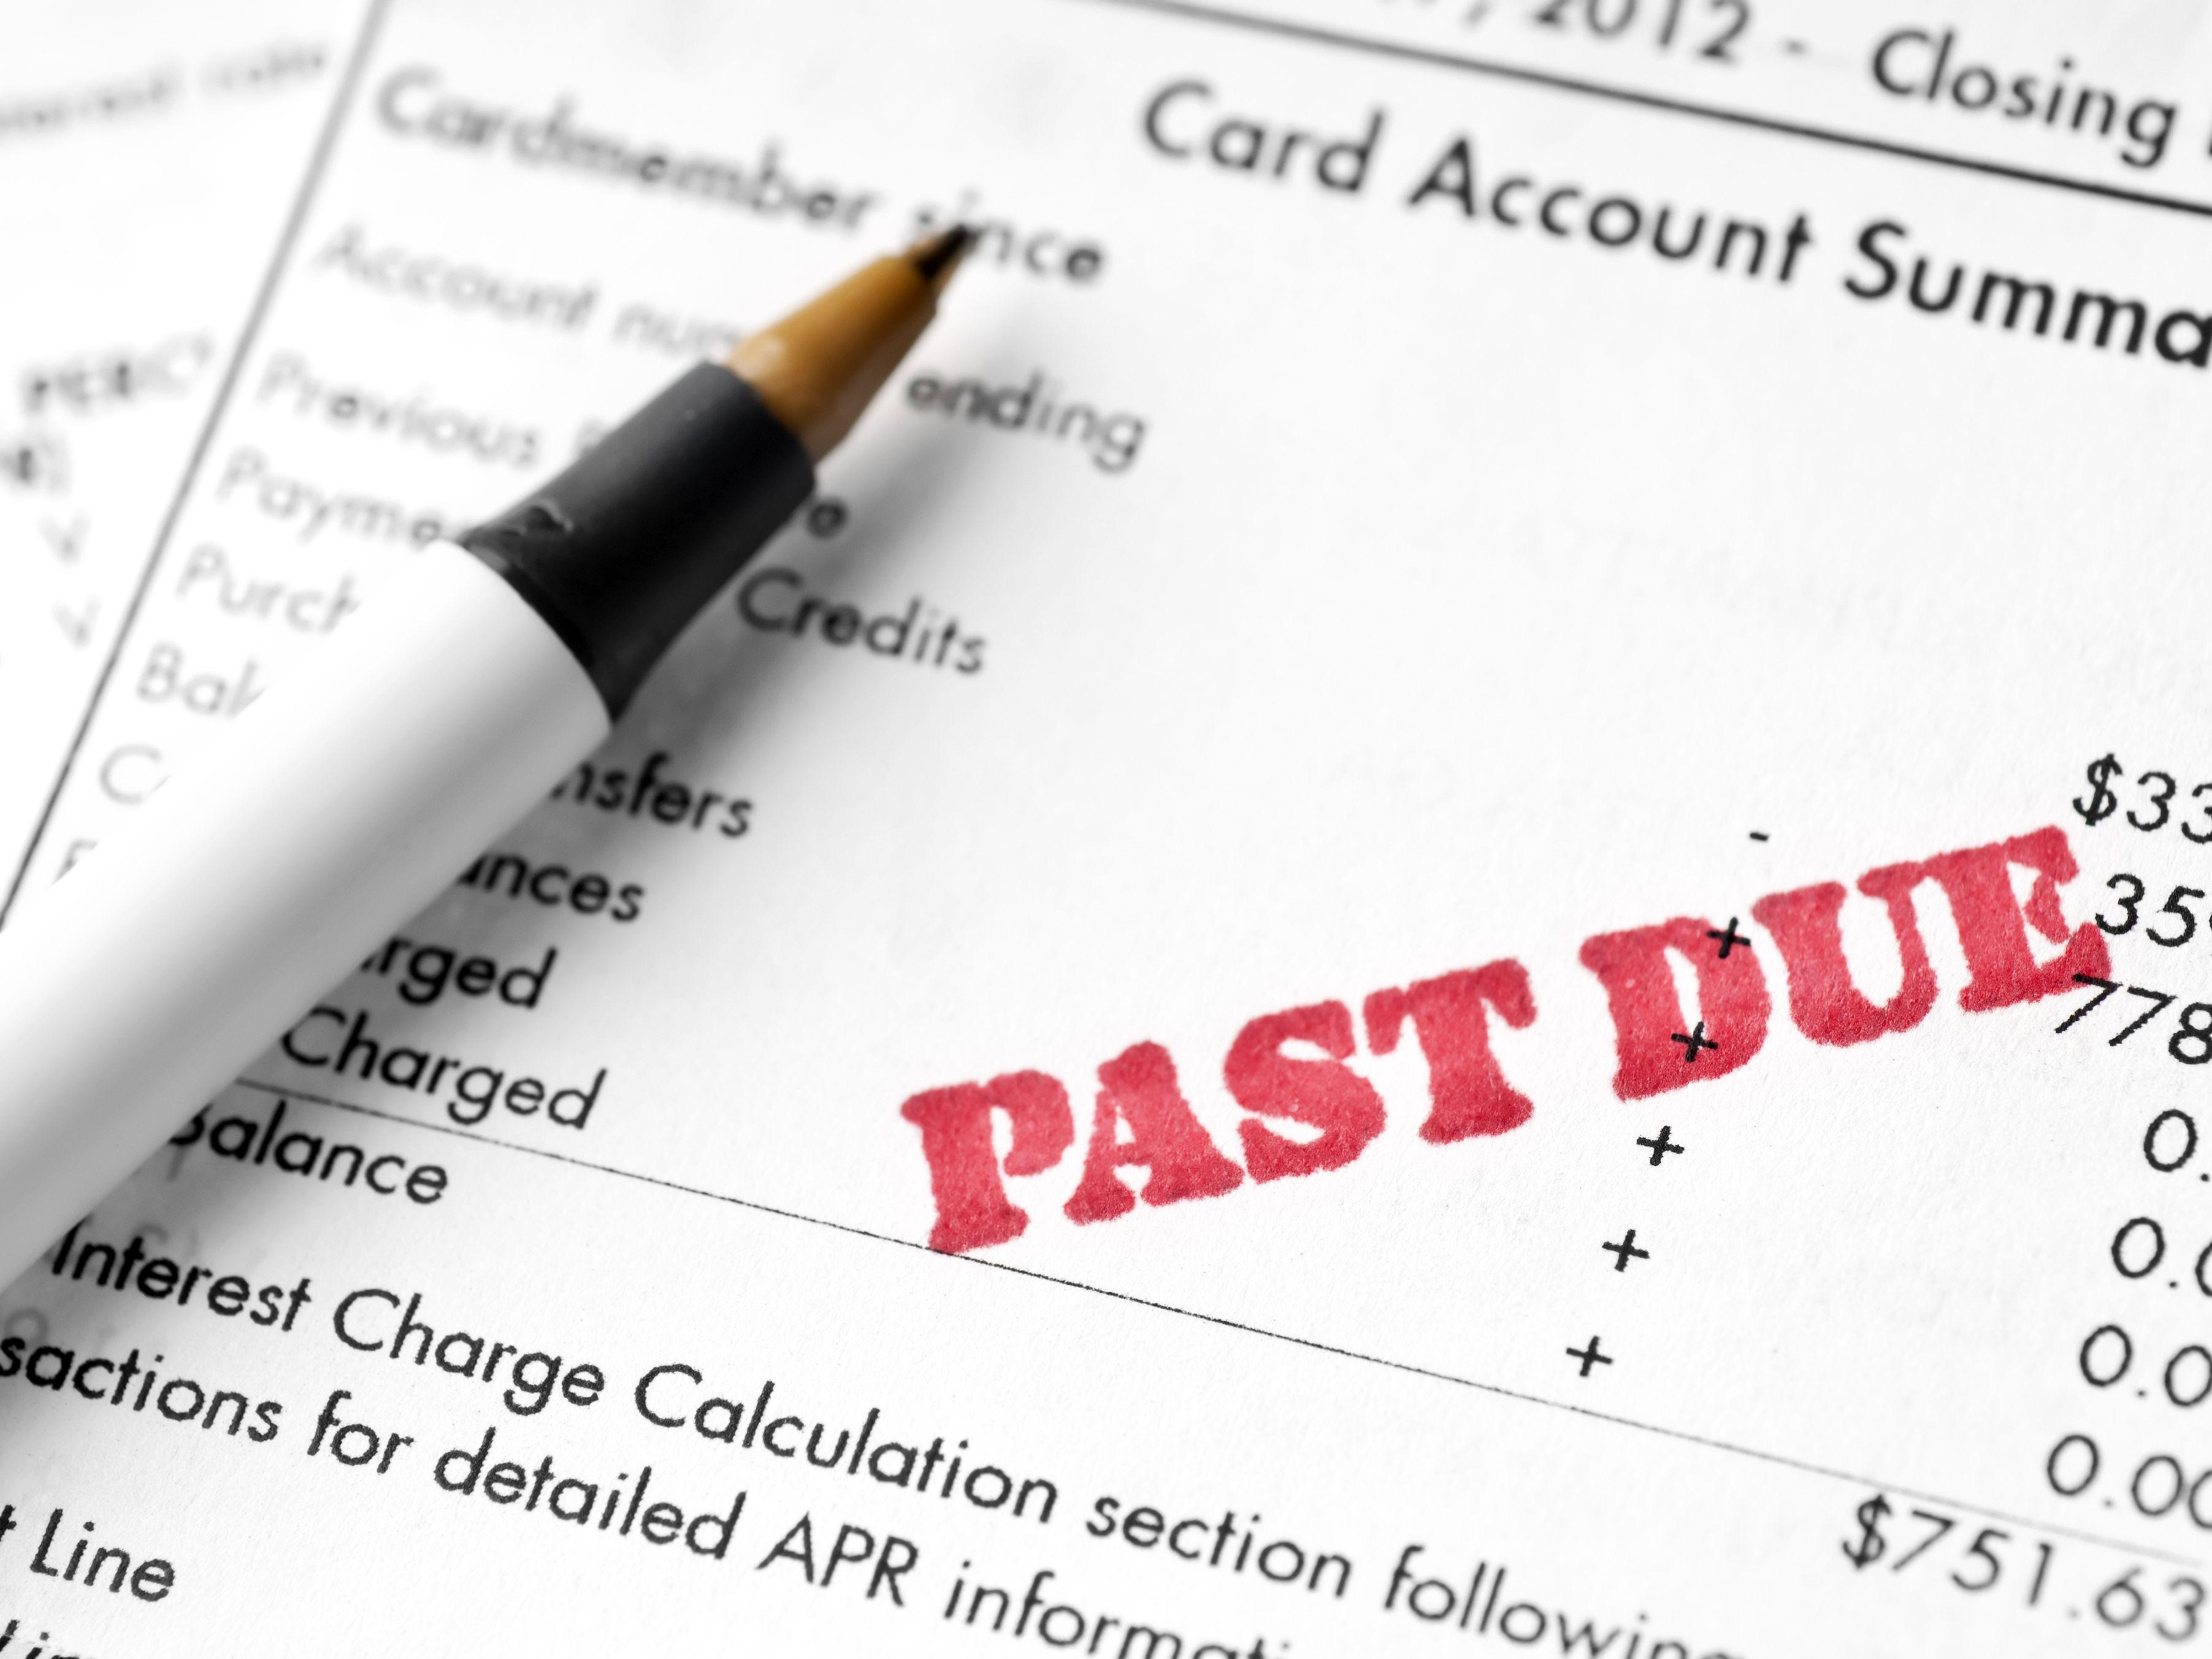 Credit Card Balance Definition